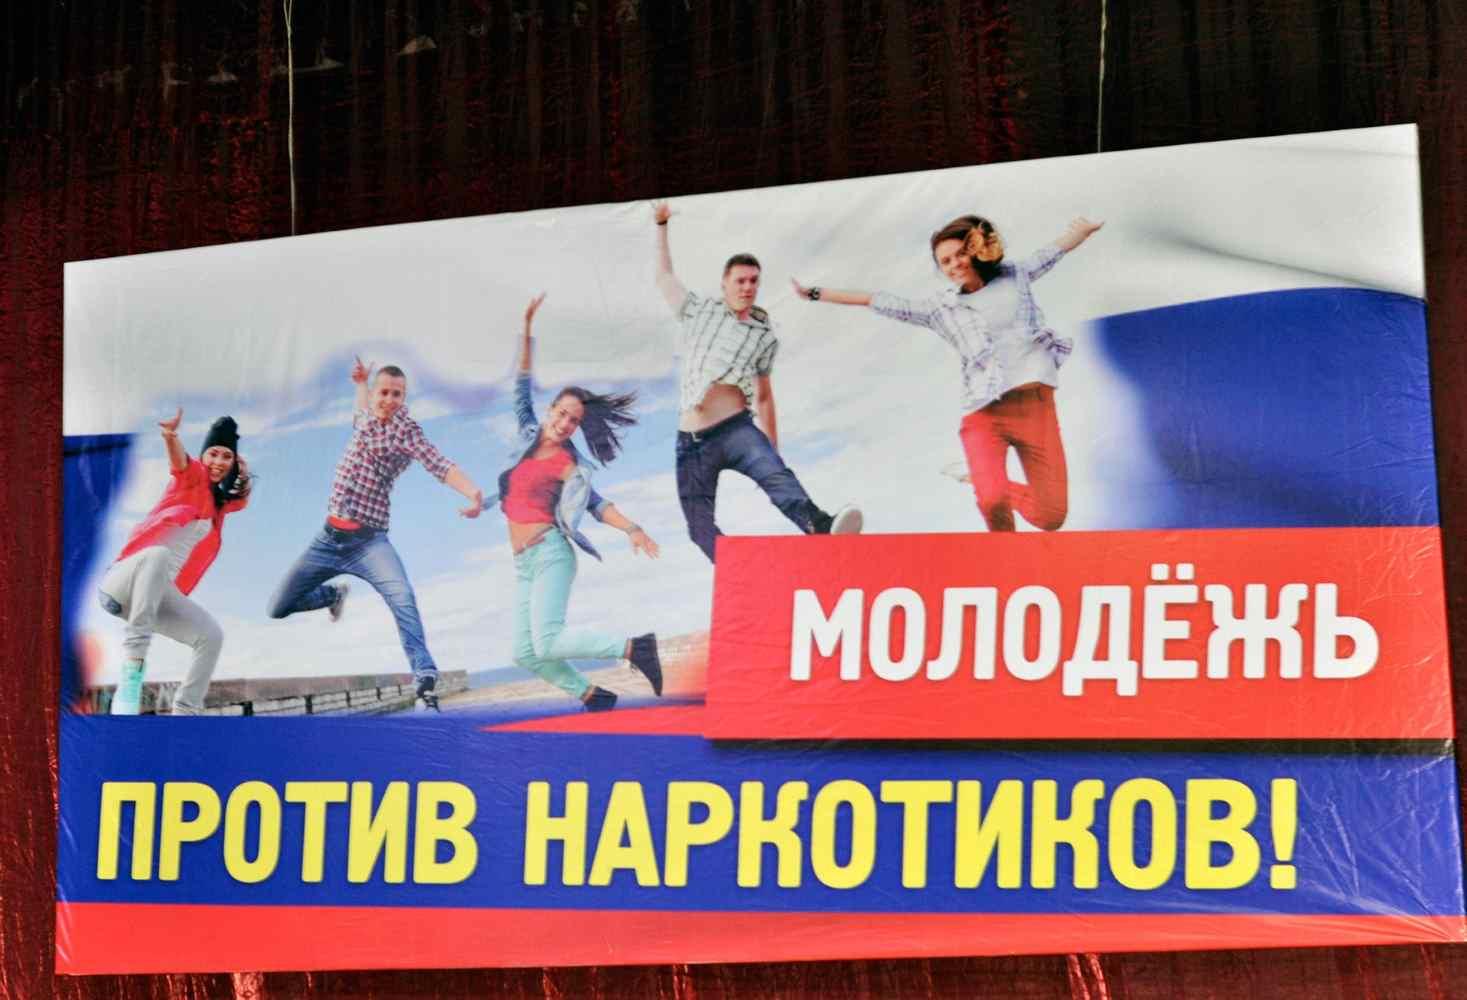 rossijskih-shkolnikov-predlozhili-proveryat-na-narkotiki-s-13-let